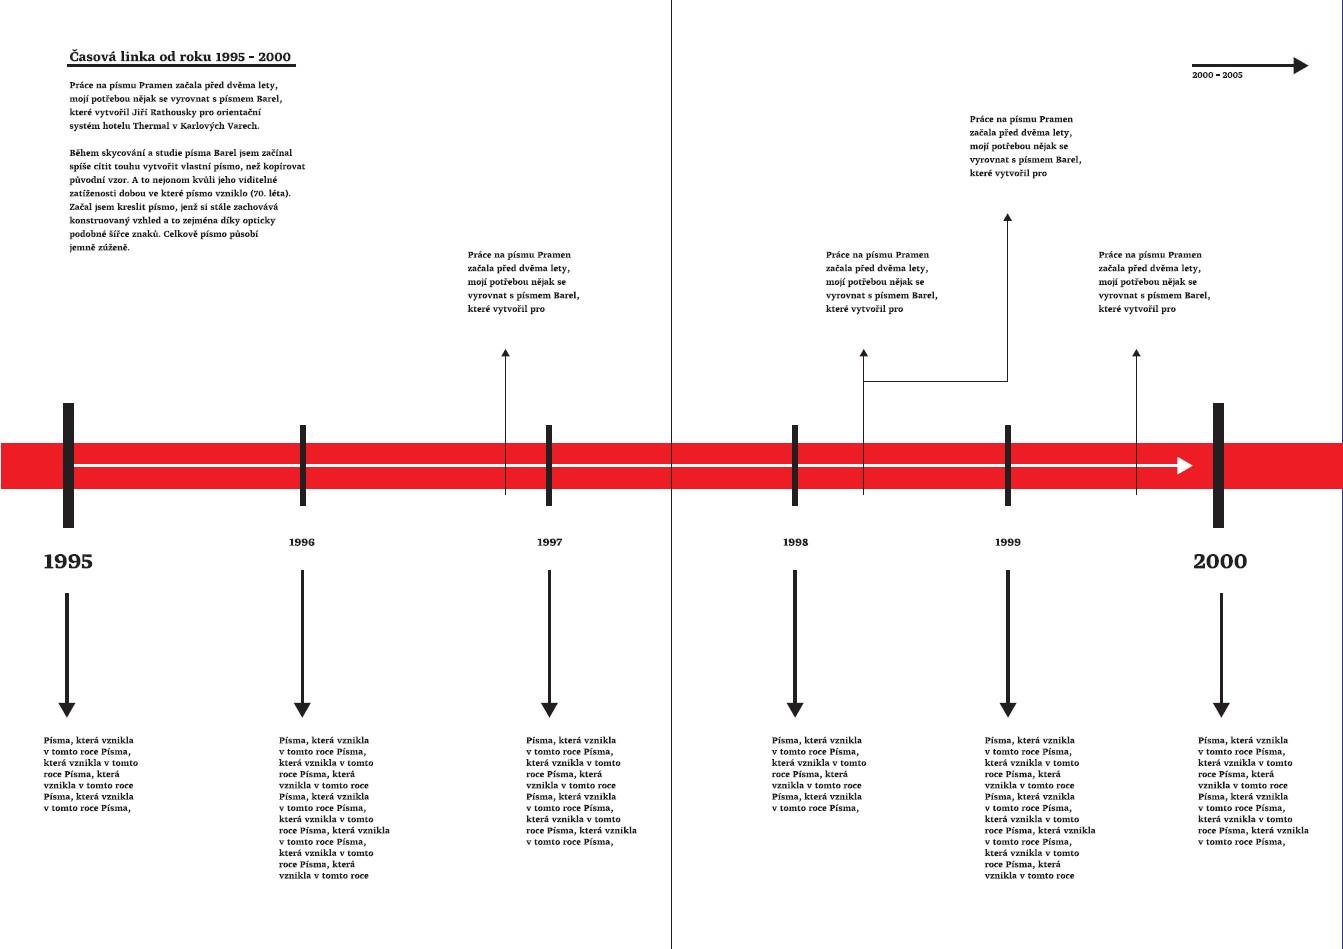 Časová osa přinese přehlednou chronologii vývoje české typografie, která může odhalit nečekané souvislosti